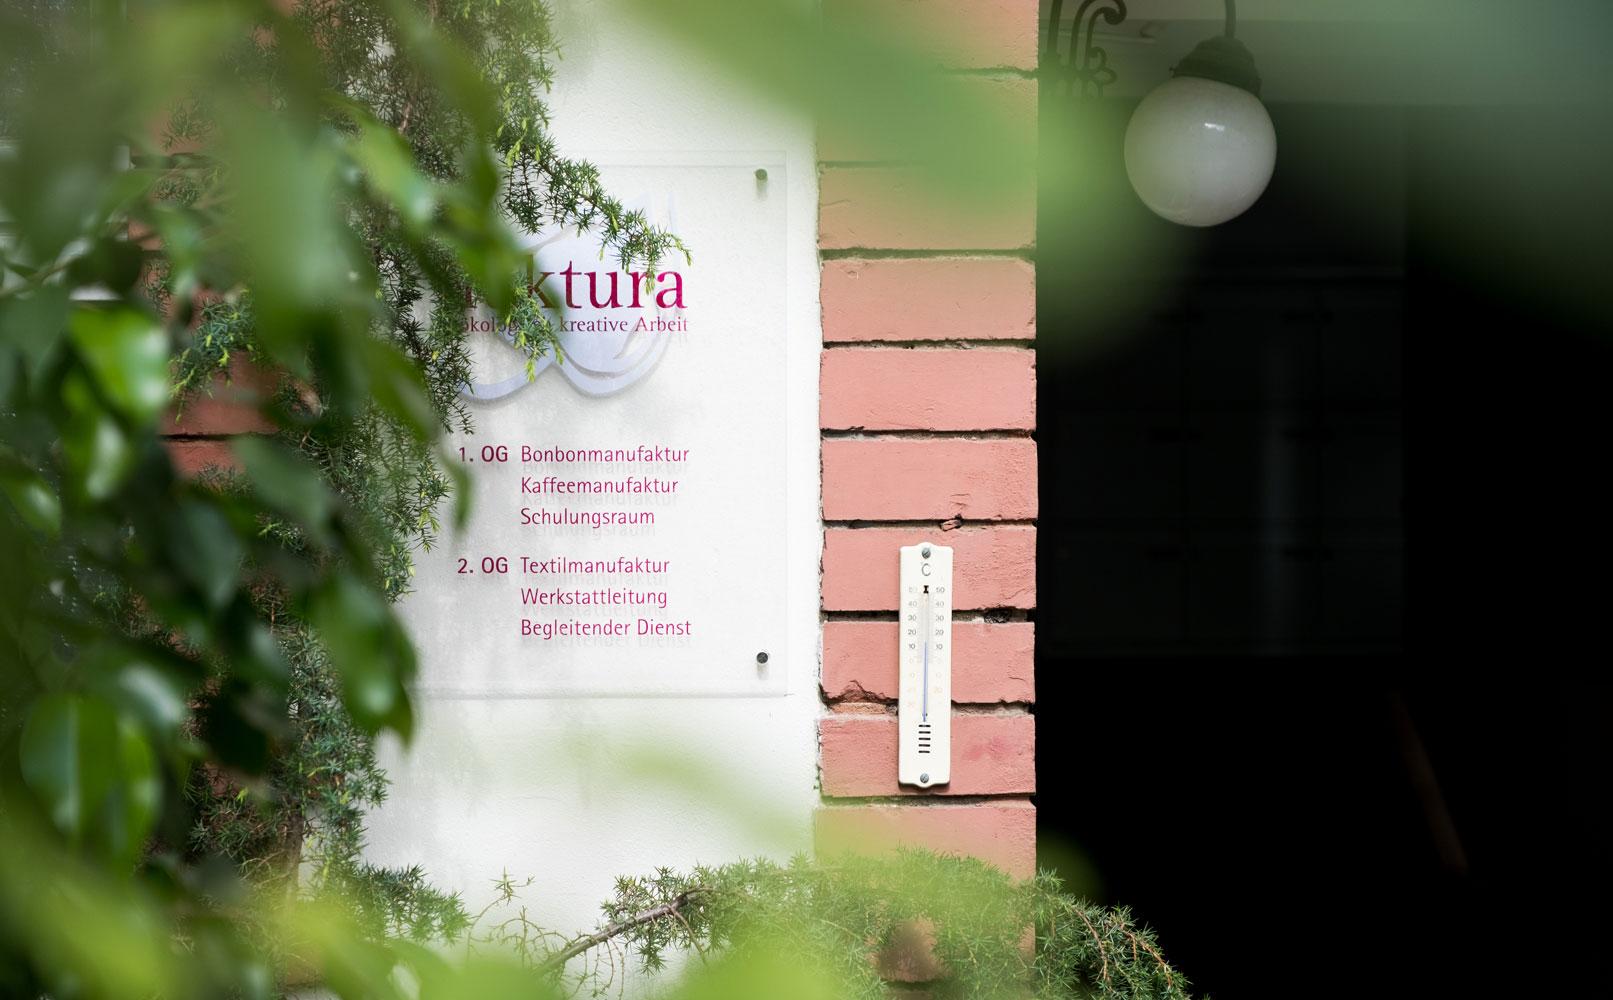 soulbottles-faktura-berlin-soulbag-eingang